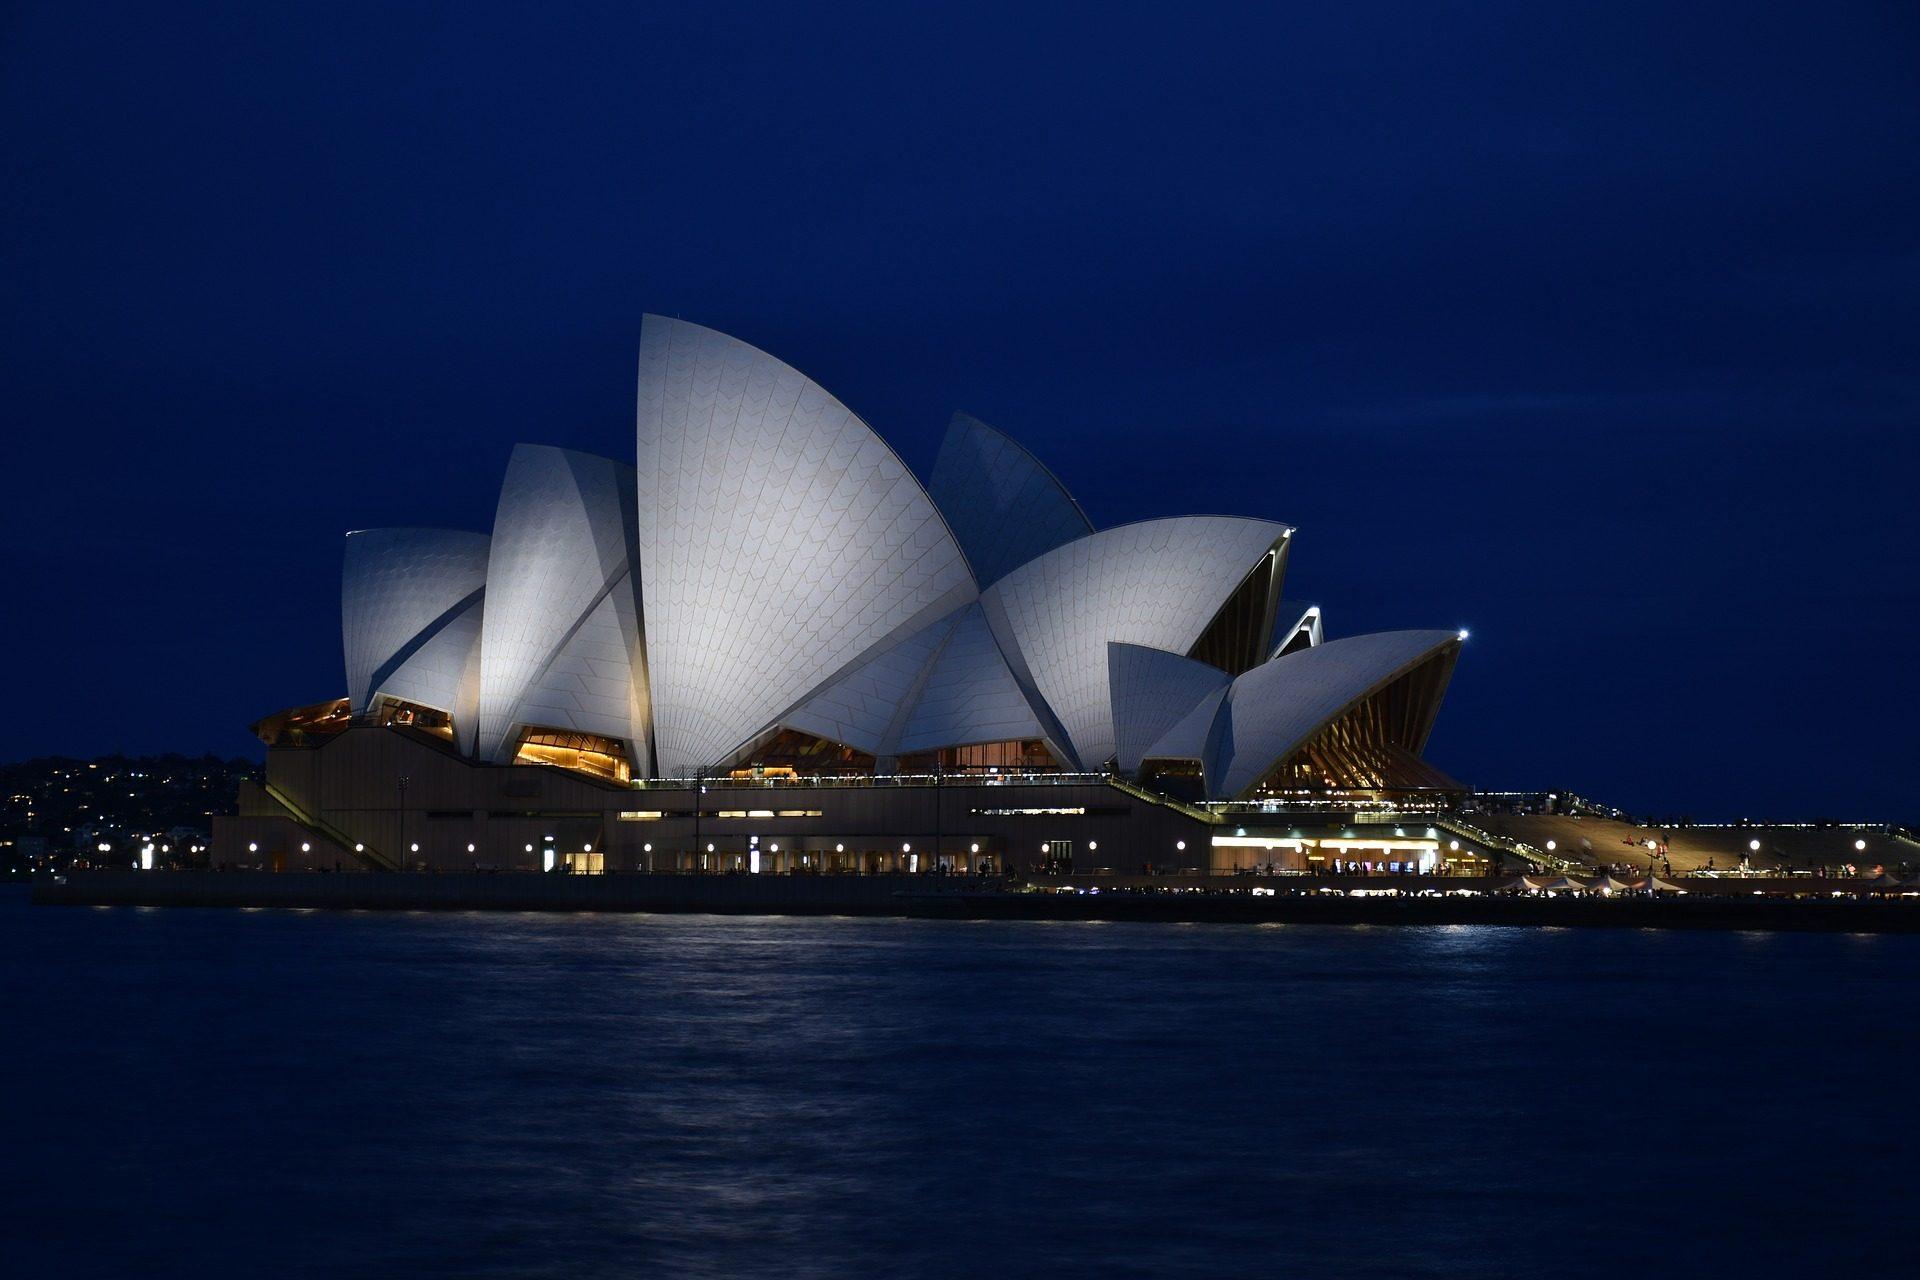 costruzione, architettura, romanzo, Opera, Sydney, Australia - Sfondi HD - Professor-falken.com